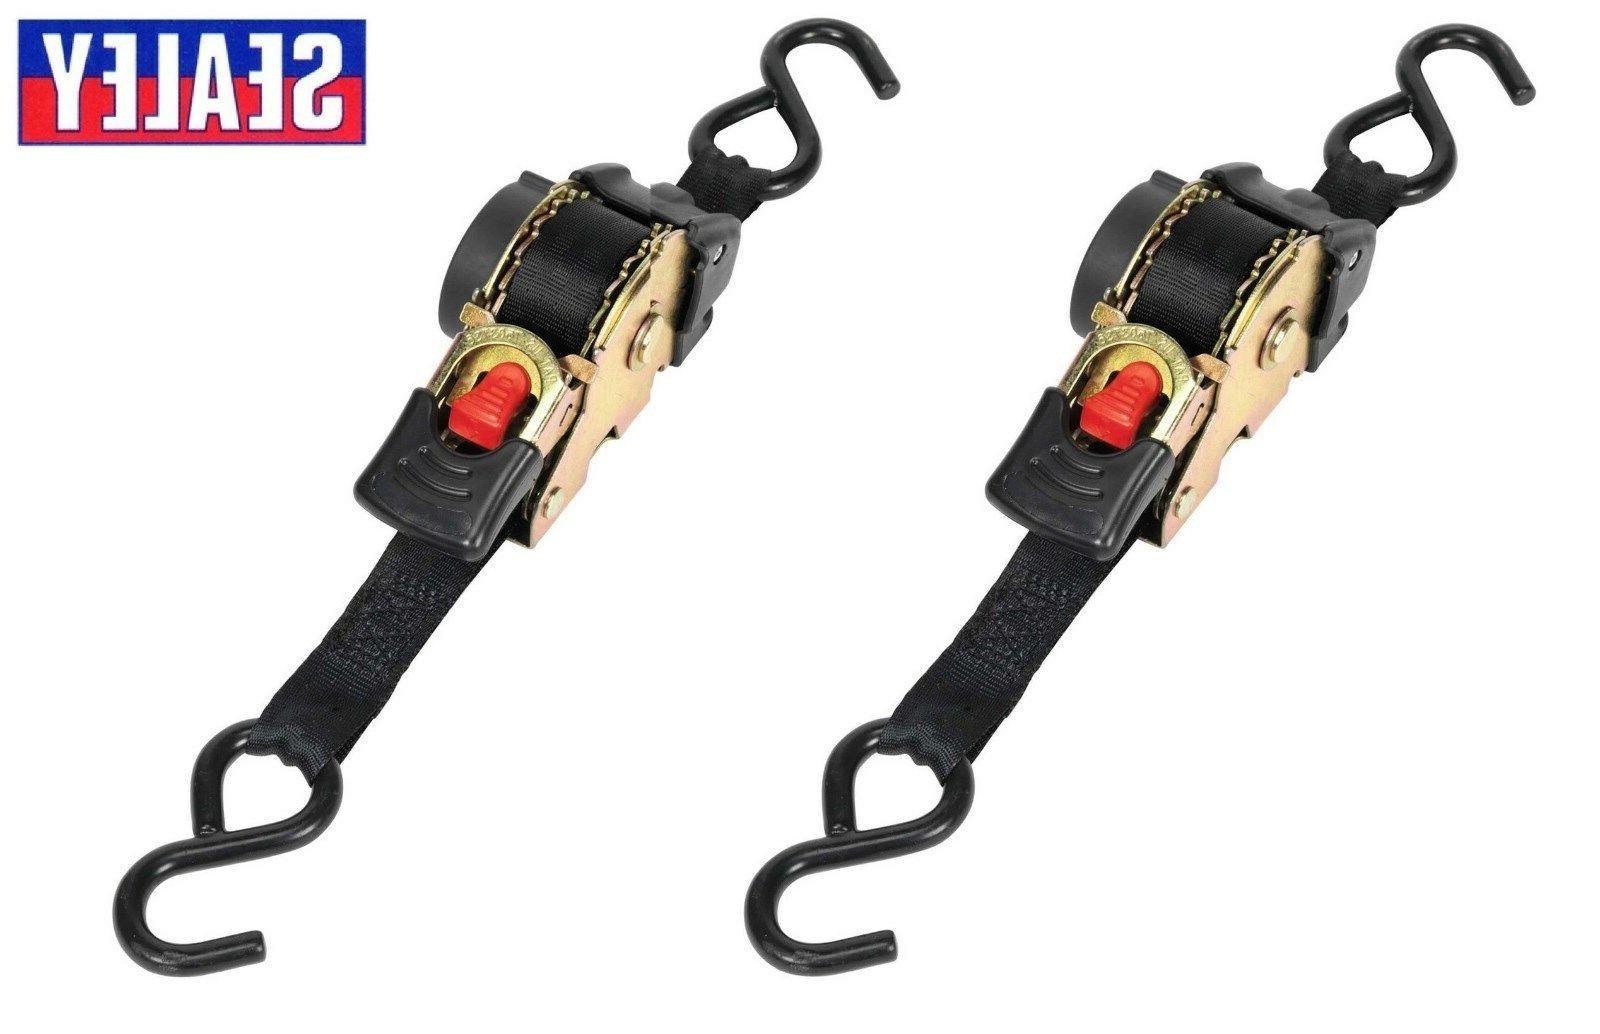 2 x auto retract ratchet tie down